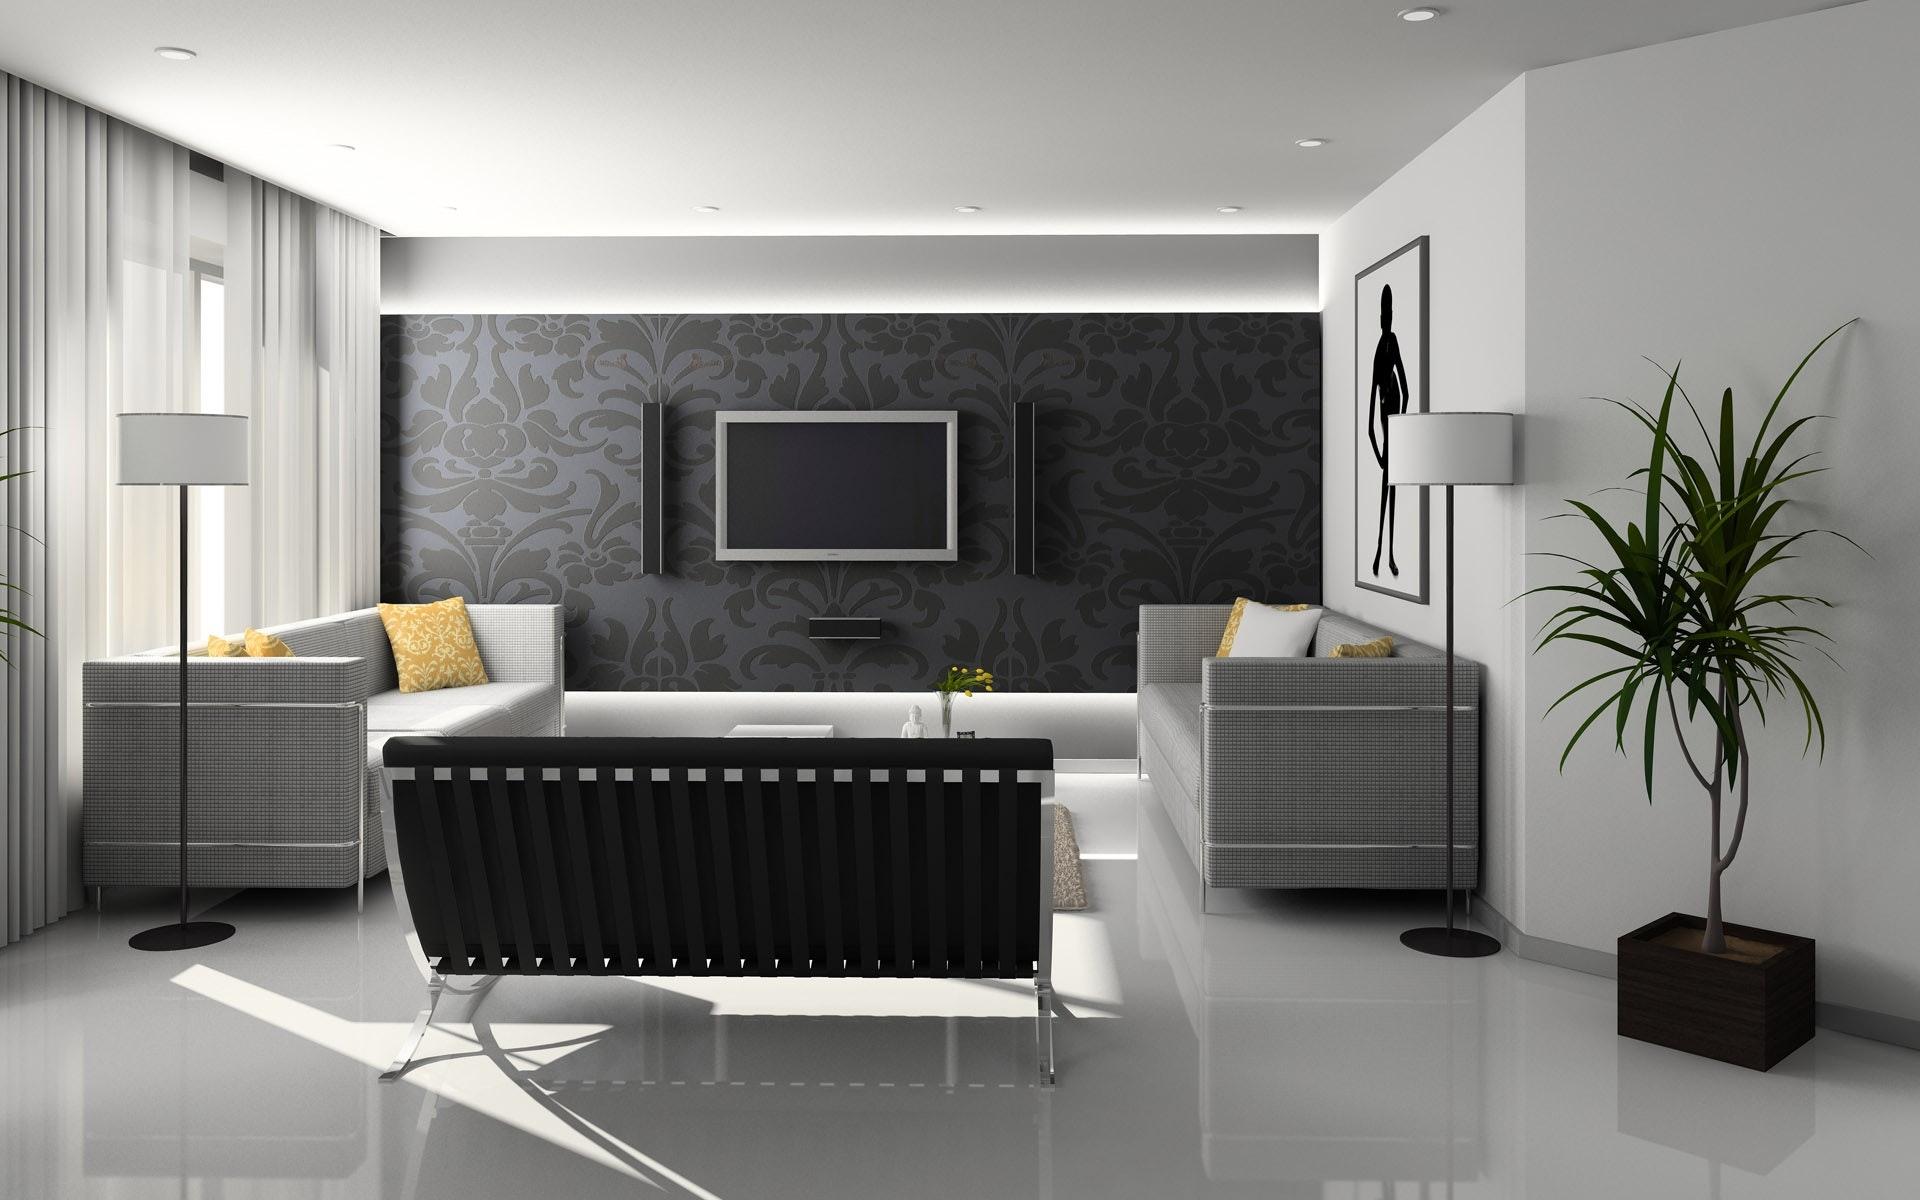 apartment-clean-condominium-279719 (1).jpg